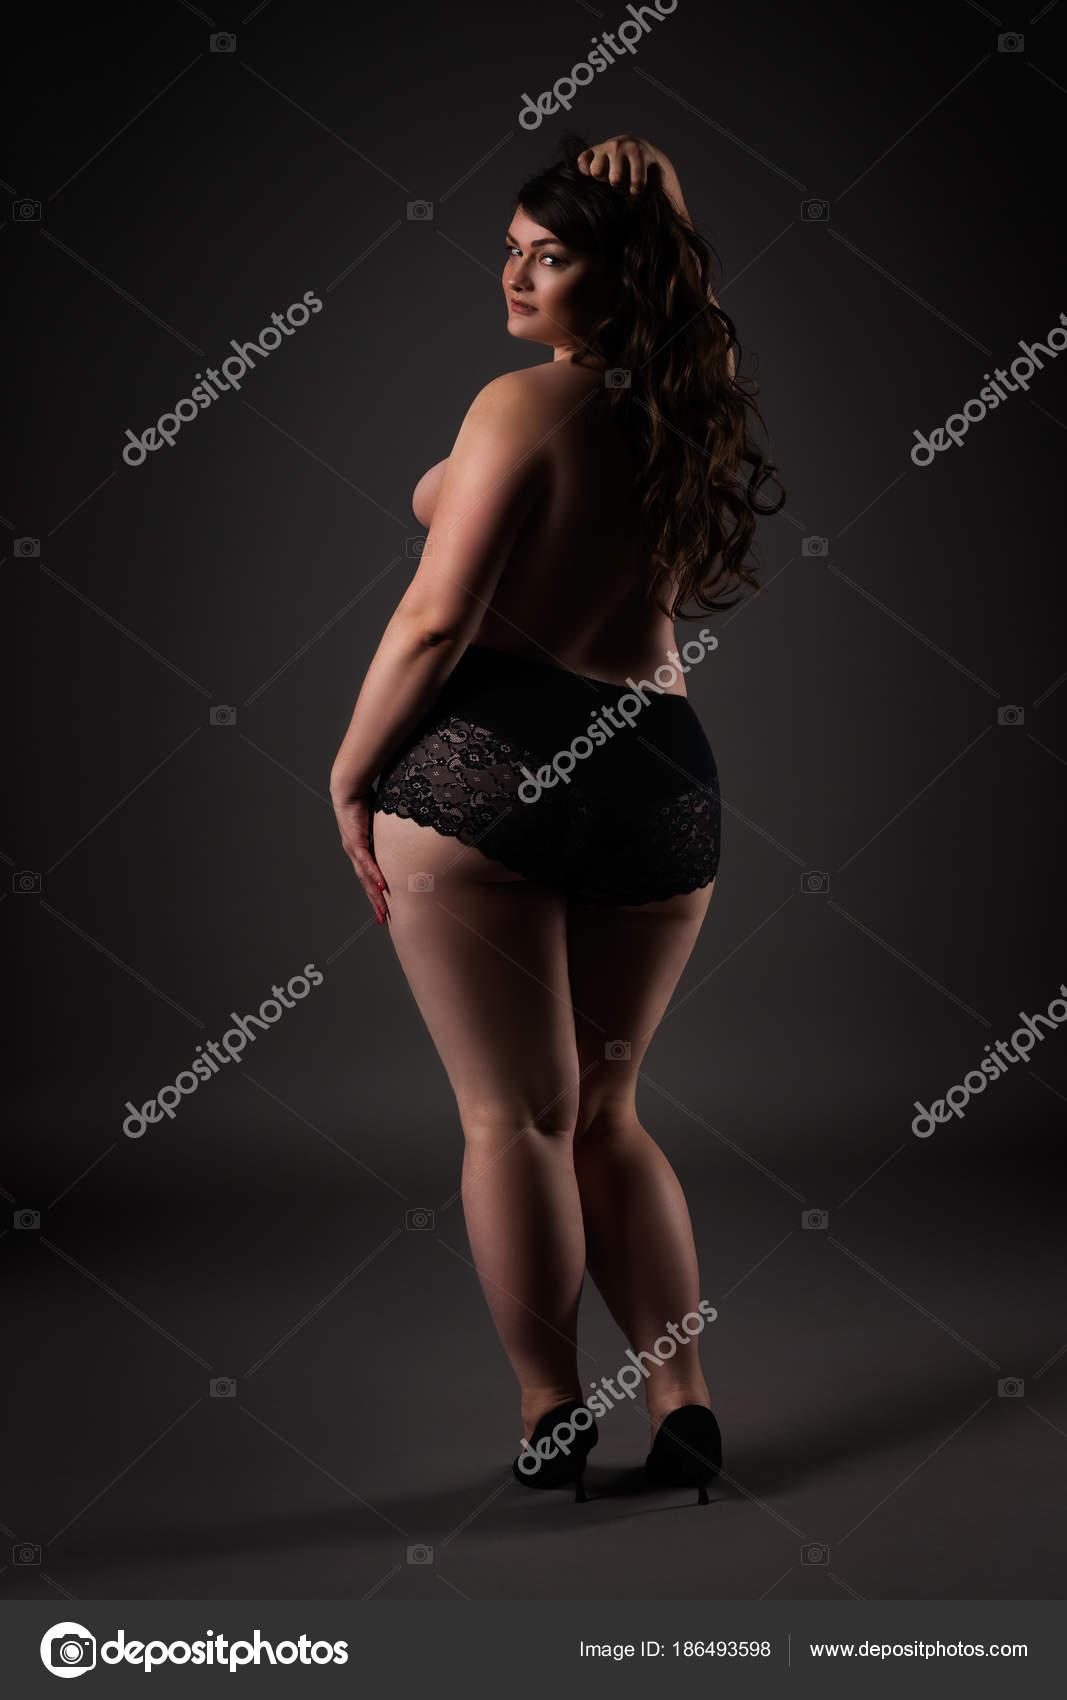 συν μέγεθος μοντέλα γυμνές φωτογραφίες